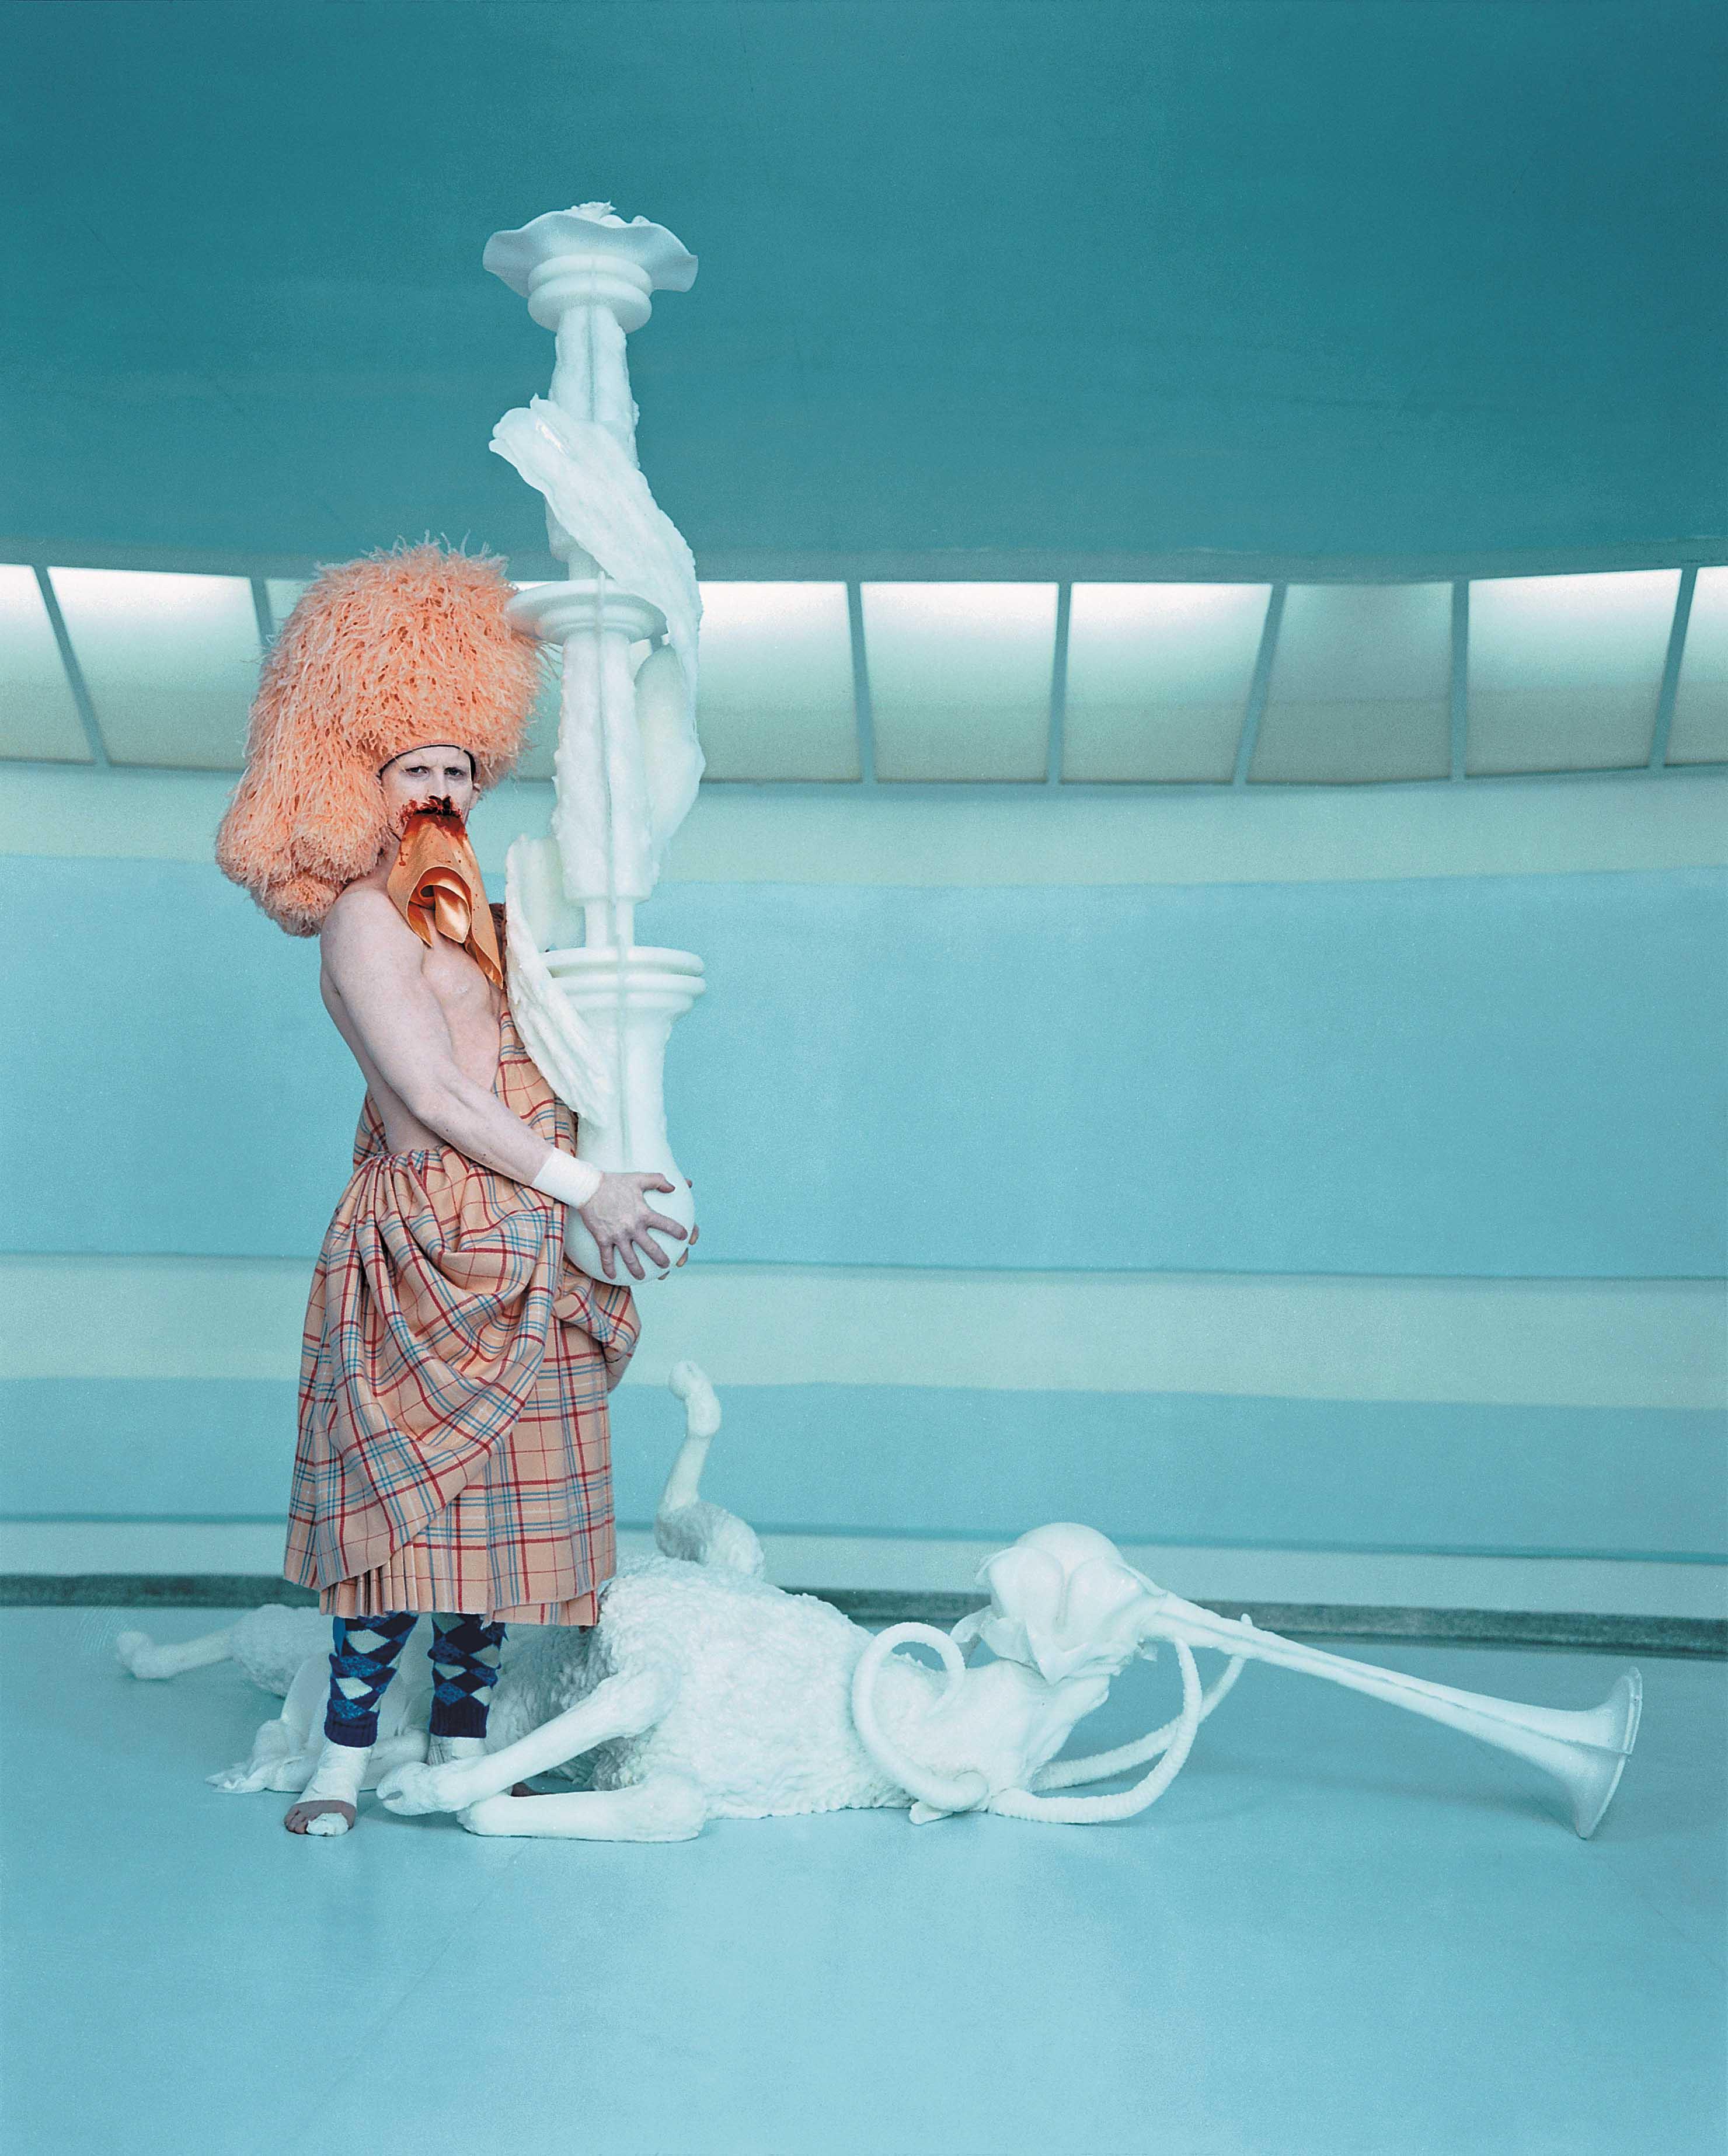 マシュー・バーニー『クレマスター』東京都写真美術館 ホール上映(2日目)